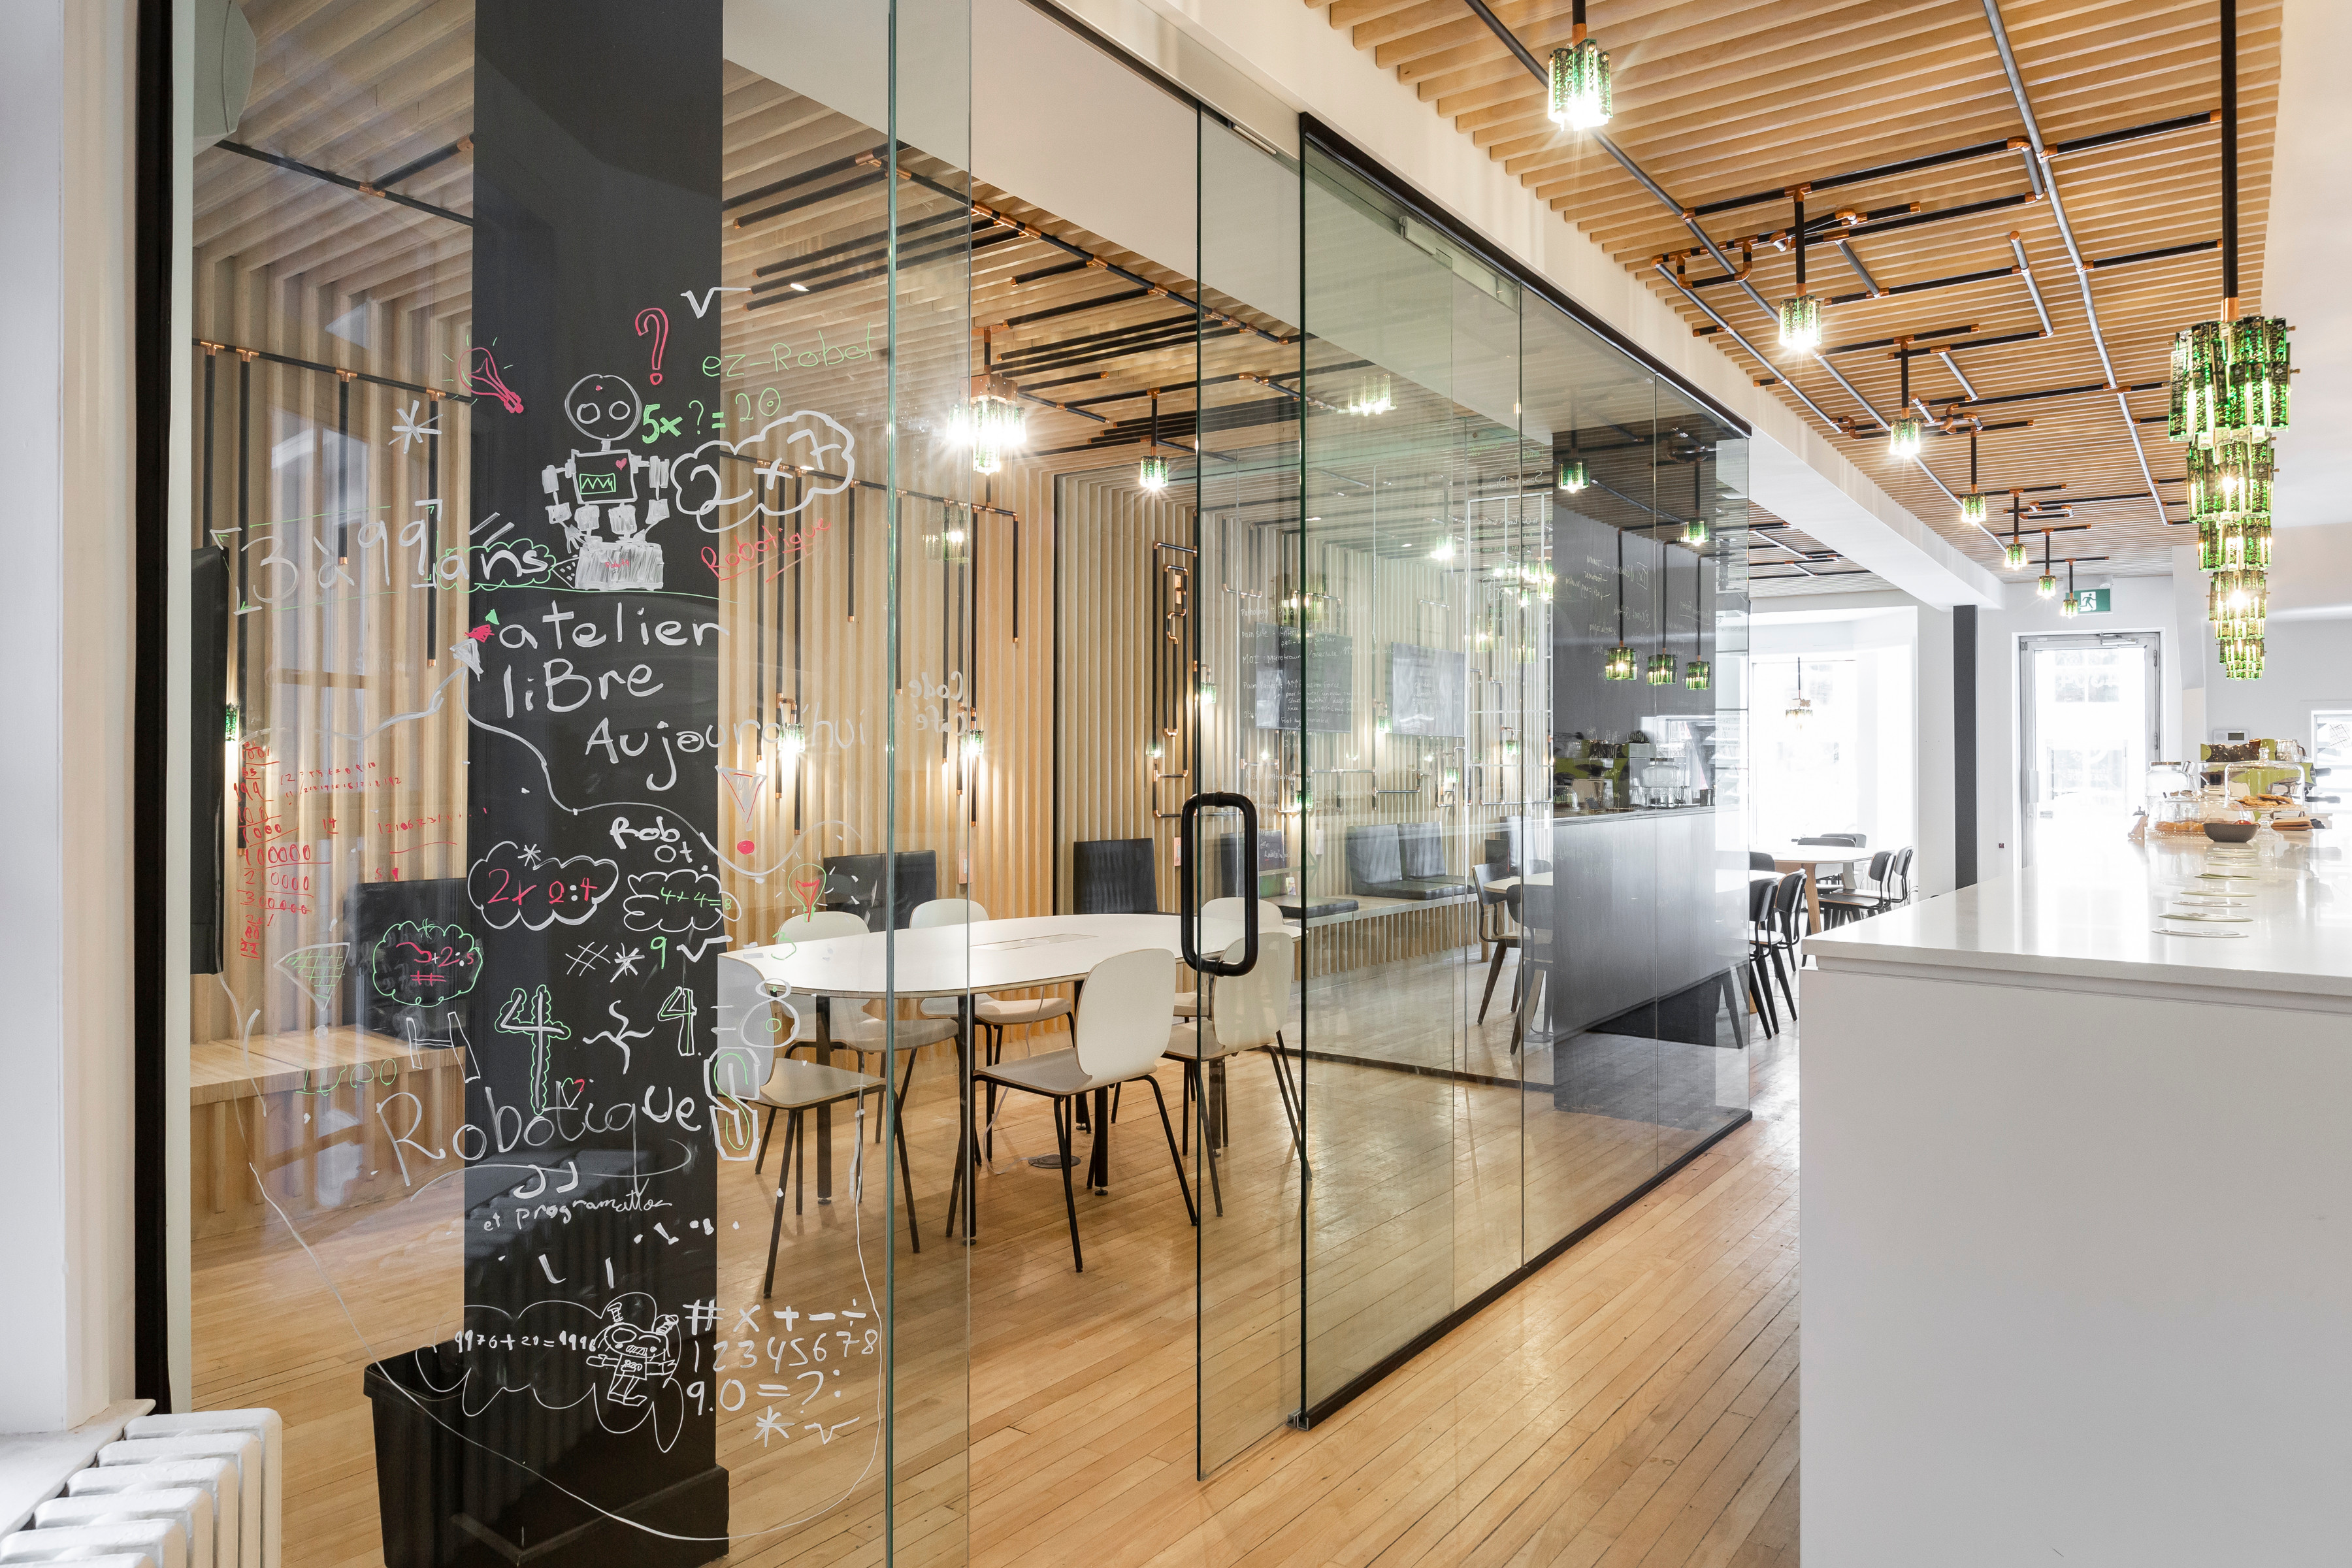 Salle vitrée / Glass Room